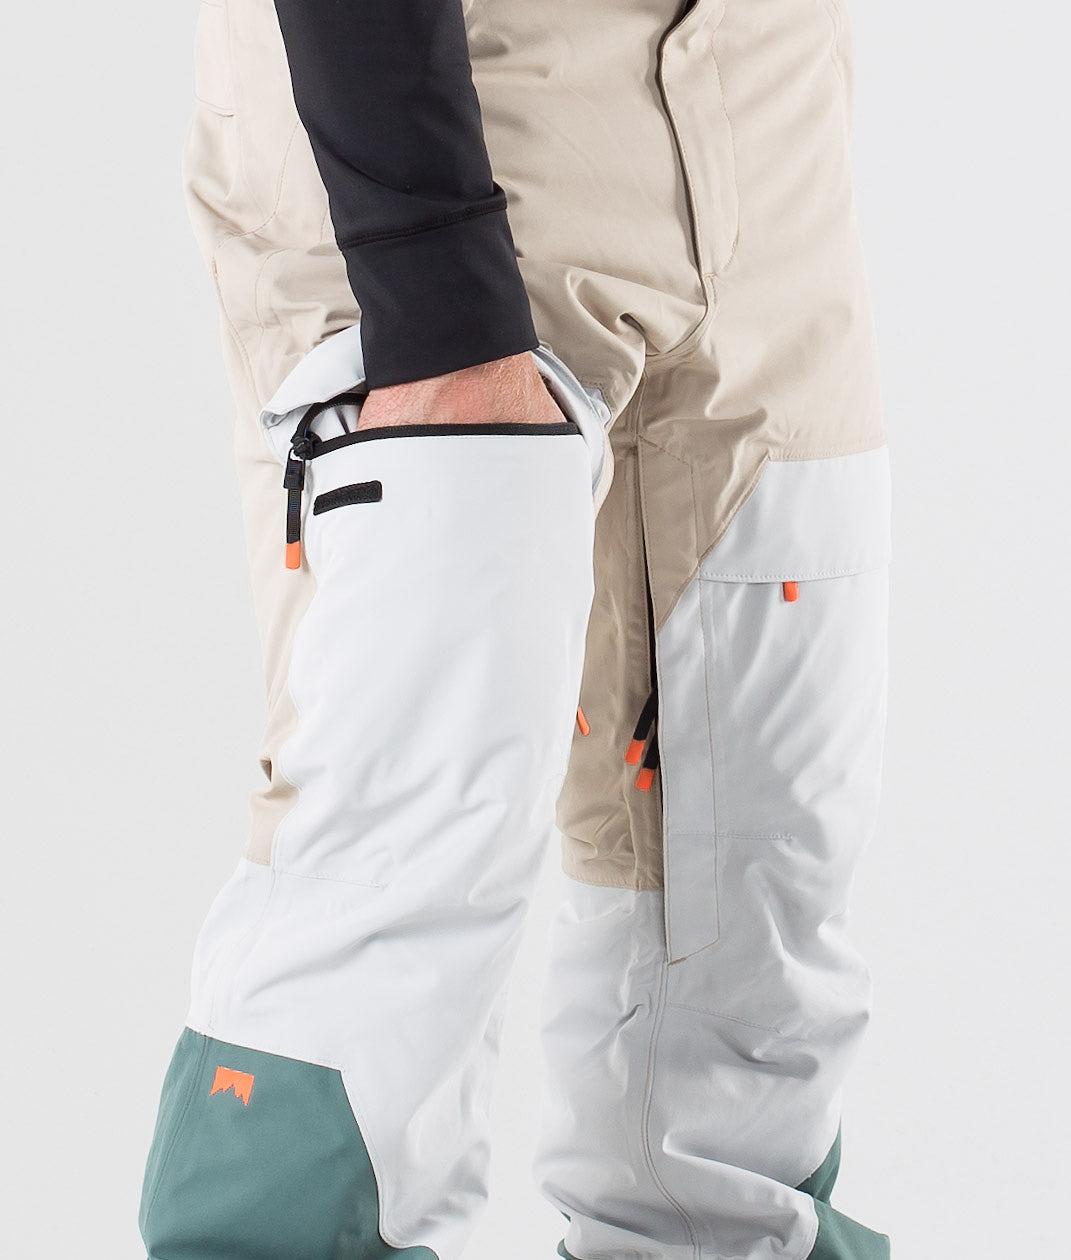 Kjøp Dune Snowboardbukse fra Montec på Ridestore.no - Hos oss har du alltid fri frakt, fri retur og 30 dagers åpent kjøp!